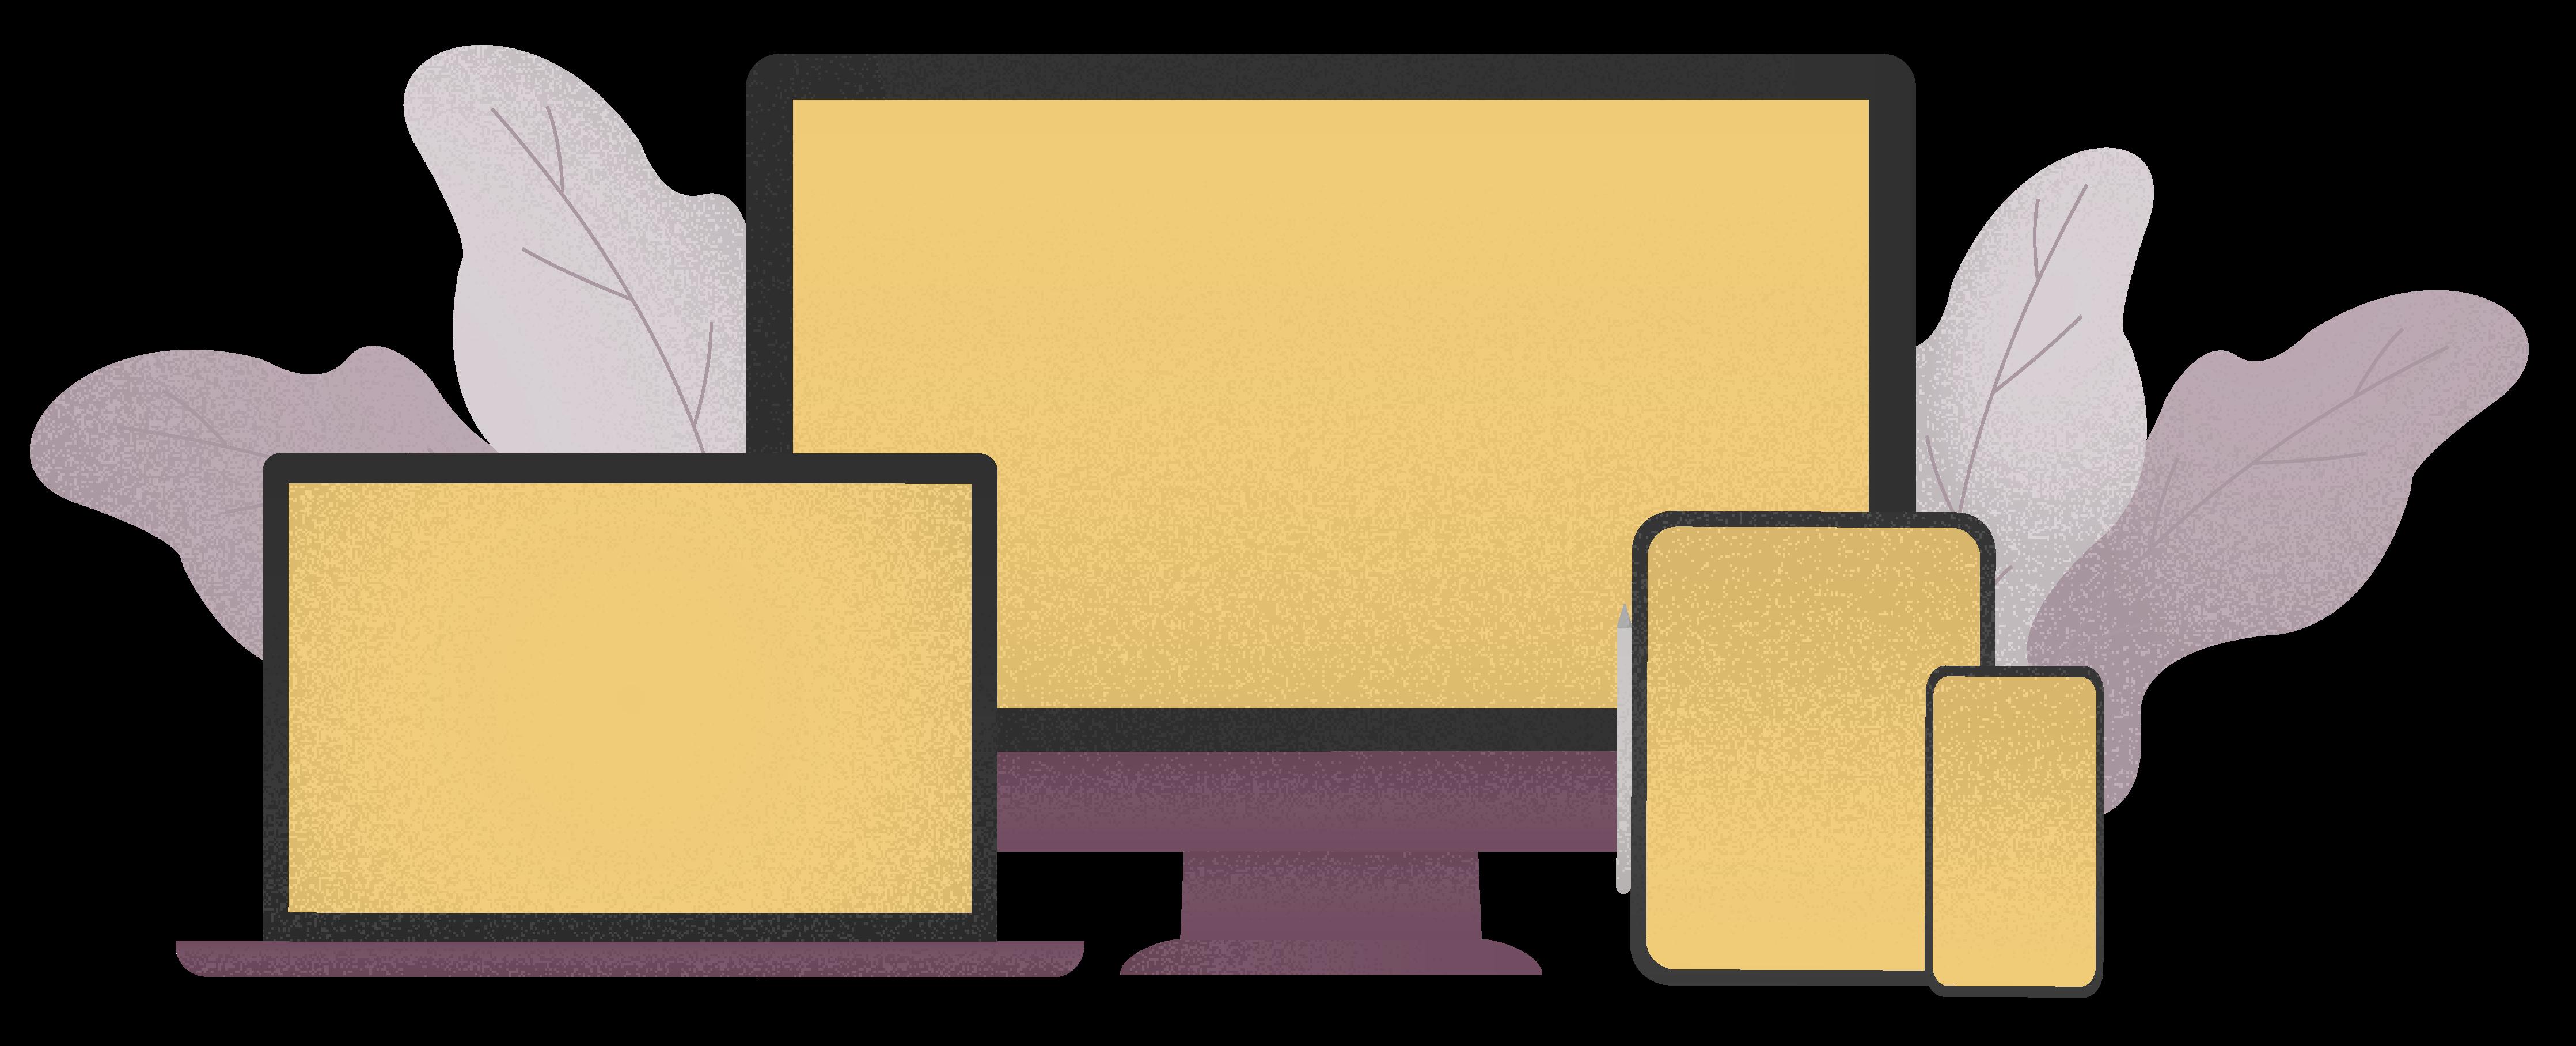 Ilustrácia monitoru, notebooku, tabletu a telefónu. Responzívne zariadenia.